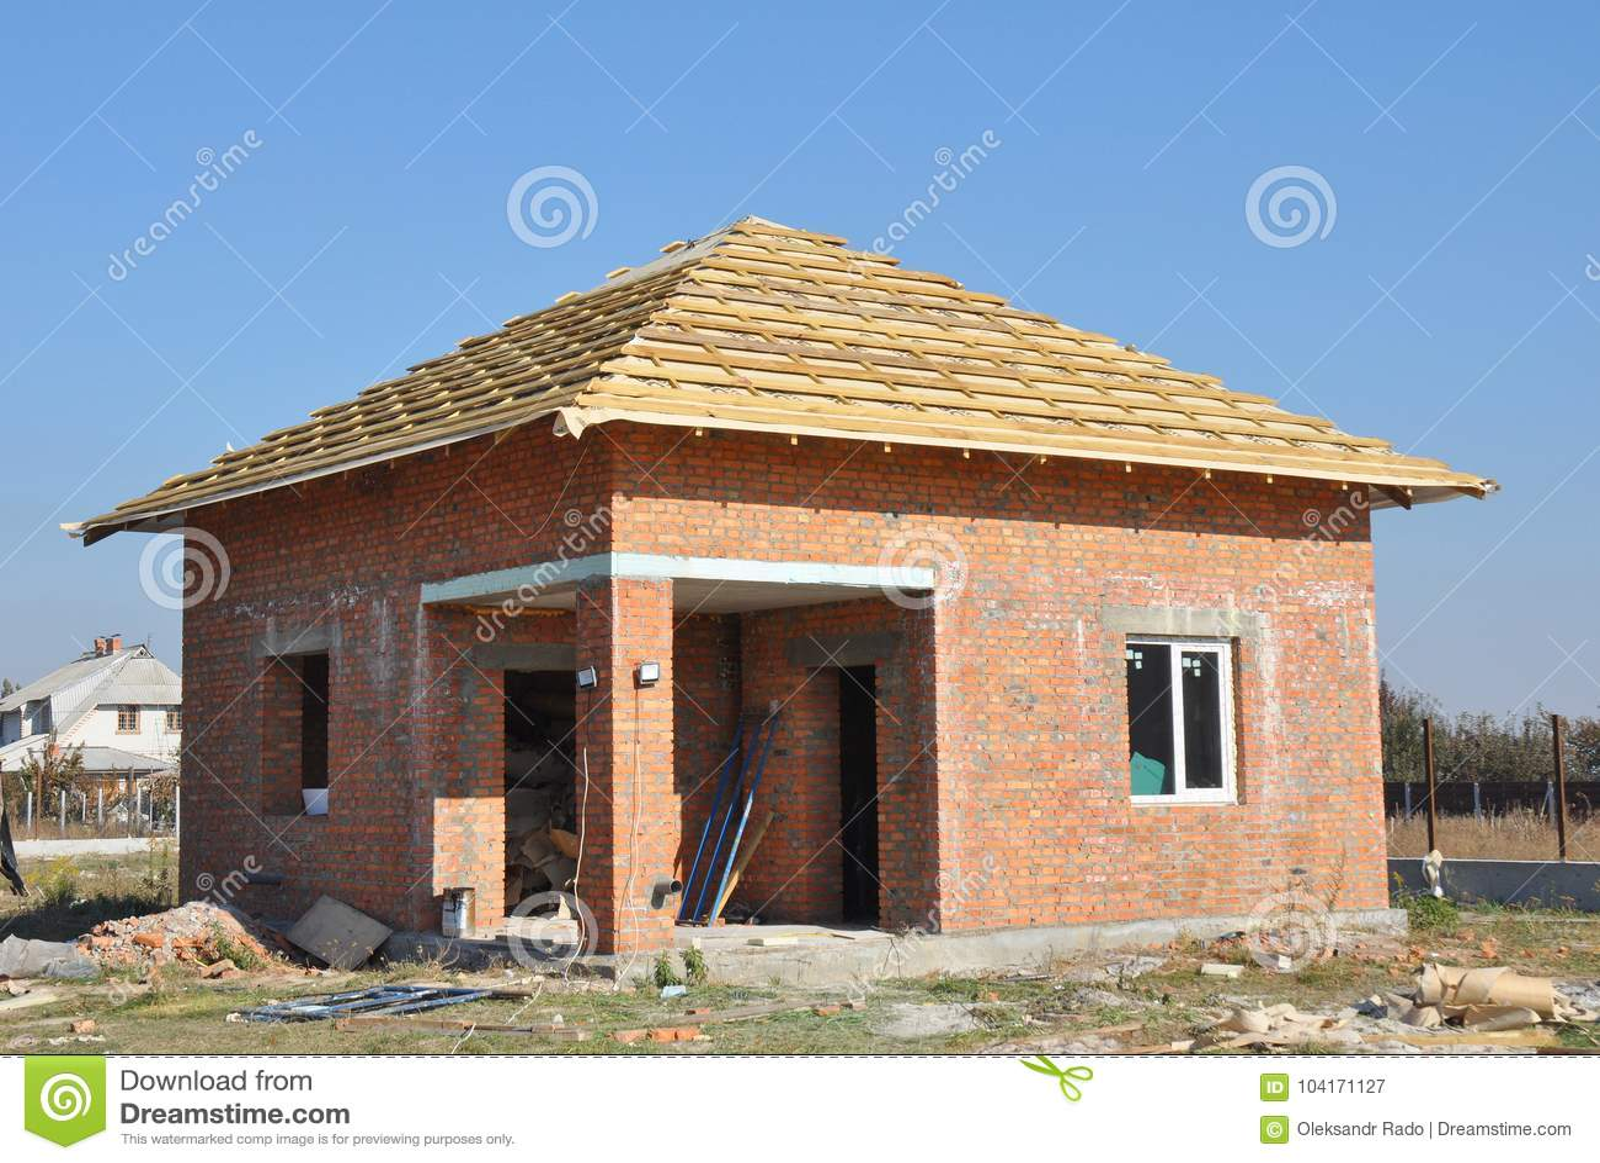 Case Di Legno E Mattoni : Cantiere della casa con mattoni a vista costruzione del tetto